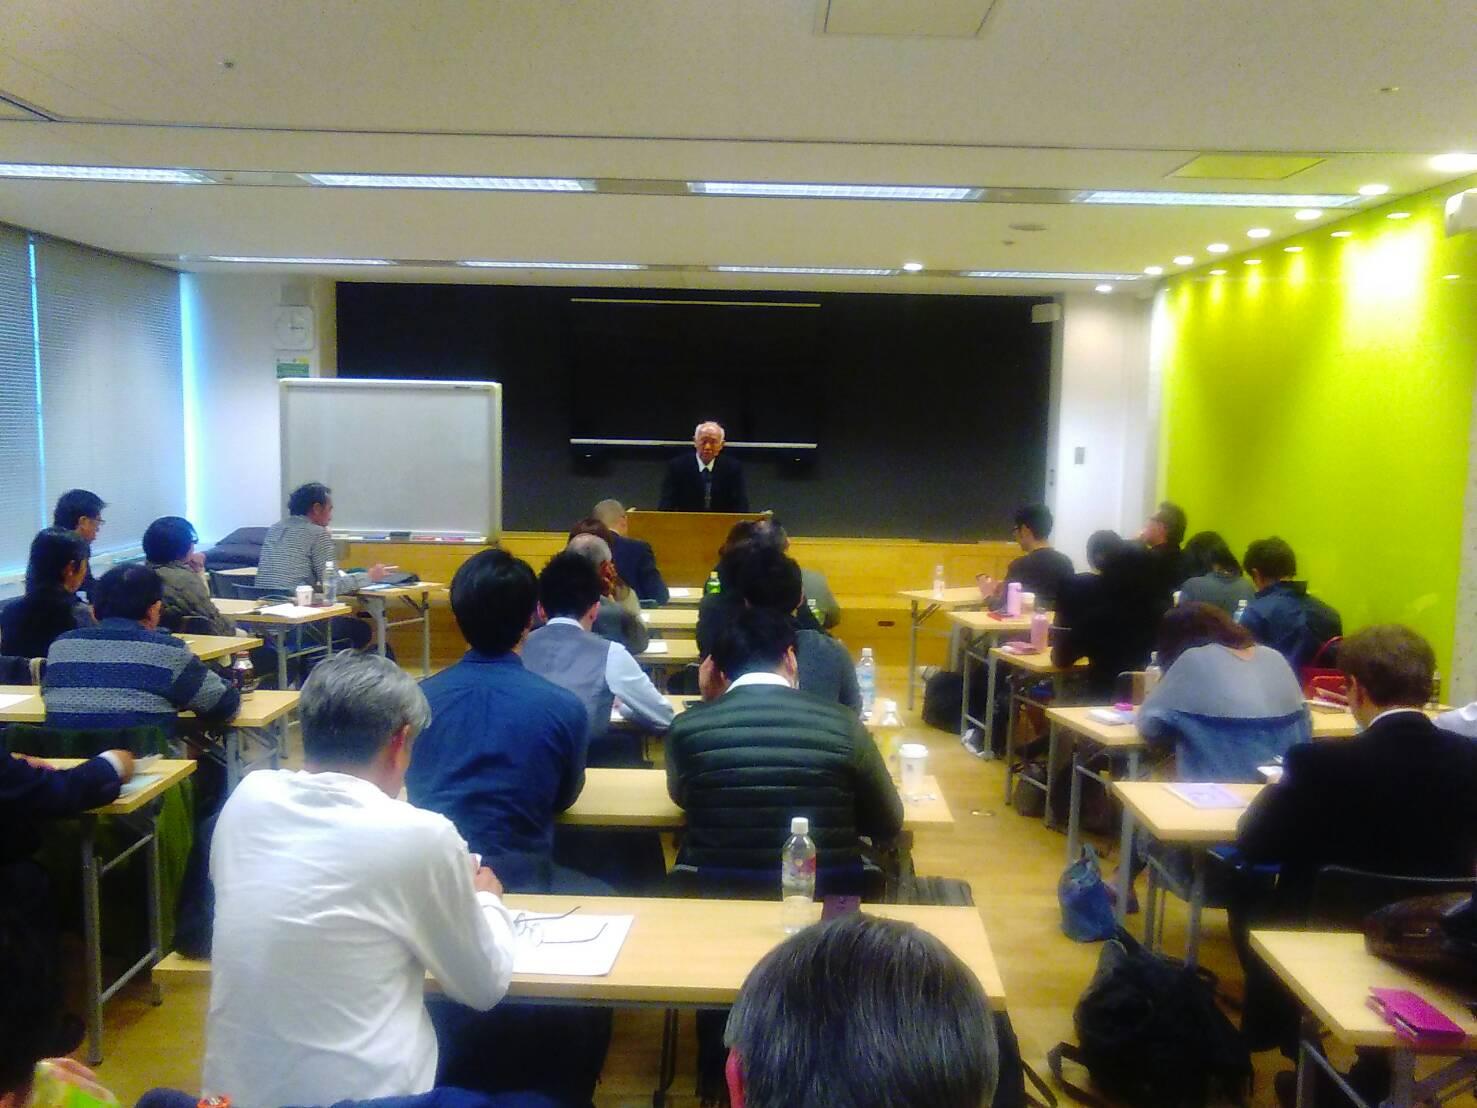 105856 - 2019年2月2日(土)第1回東京思風塾「第二の黎明期を作る問いとは」をテーマに開催